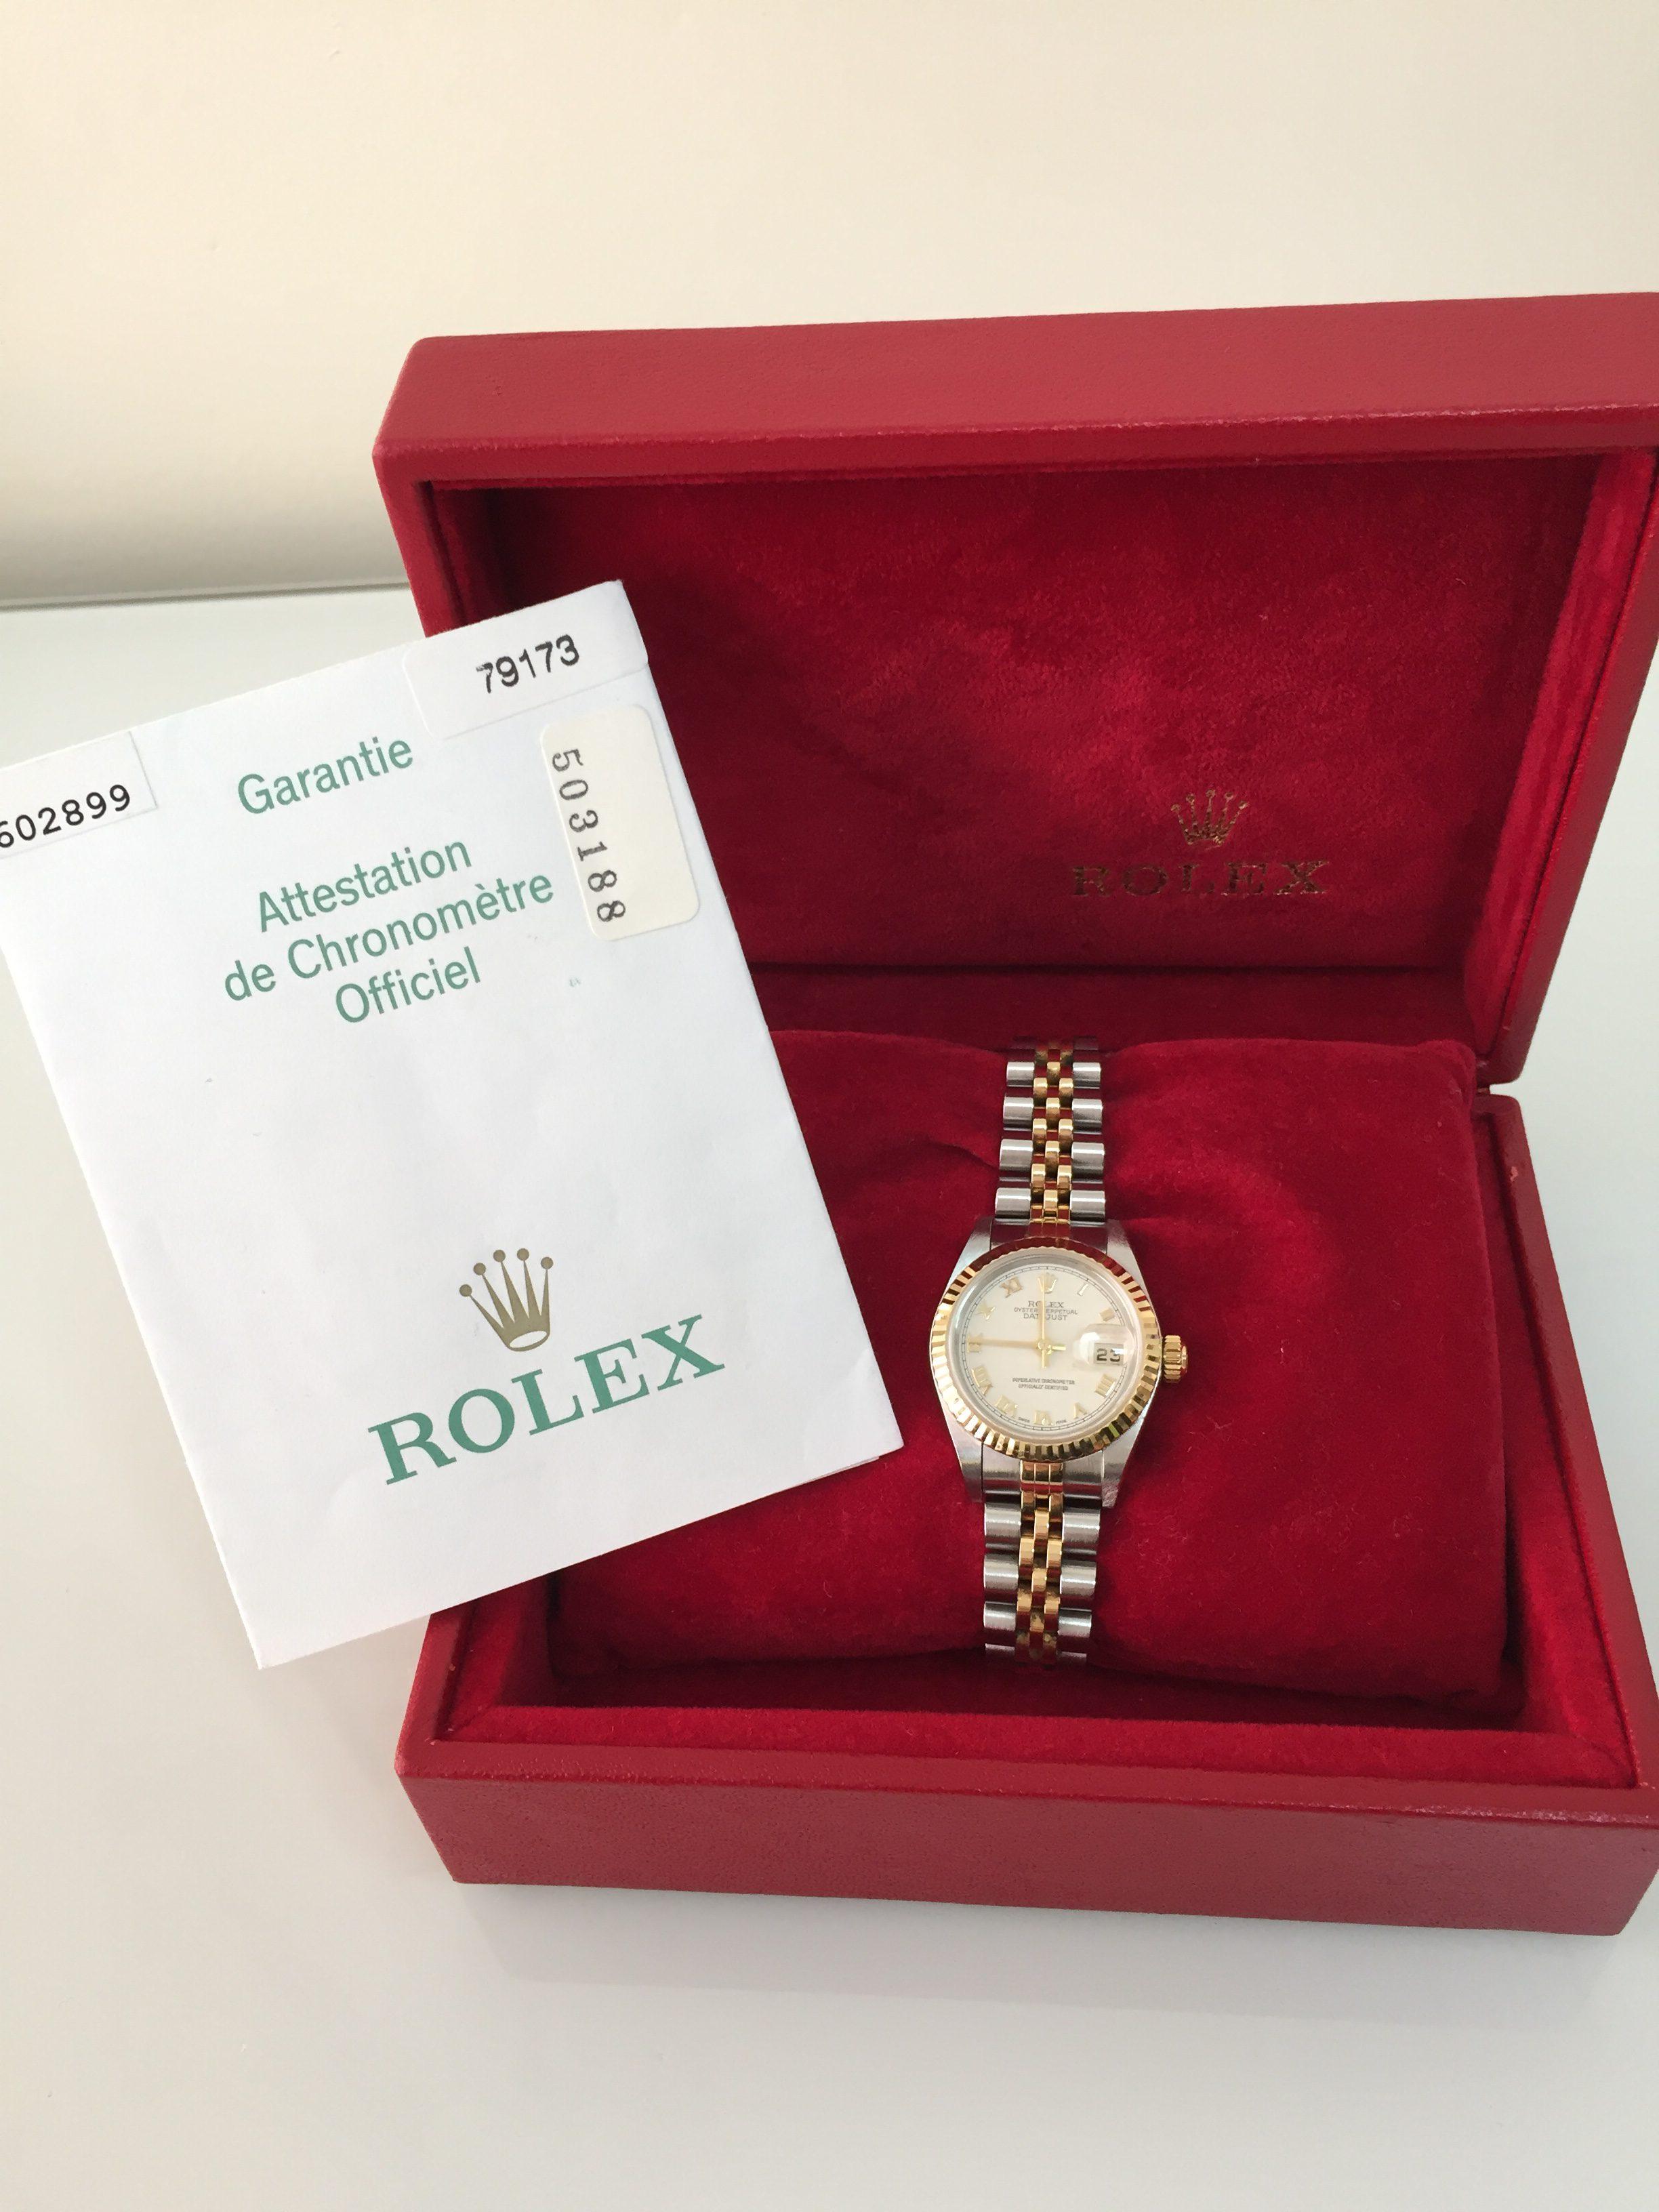 ロレックス Rolex ブランド ブランド品 ブランド時計 腕時計 レディース